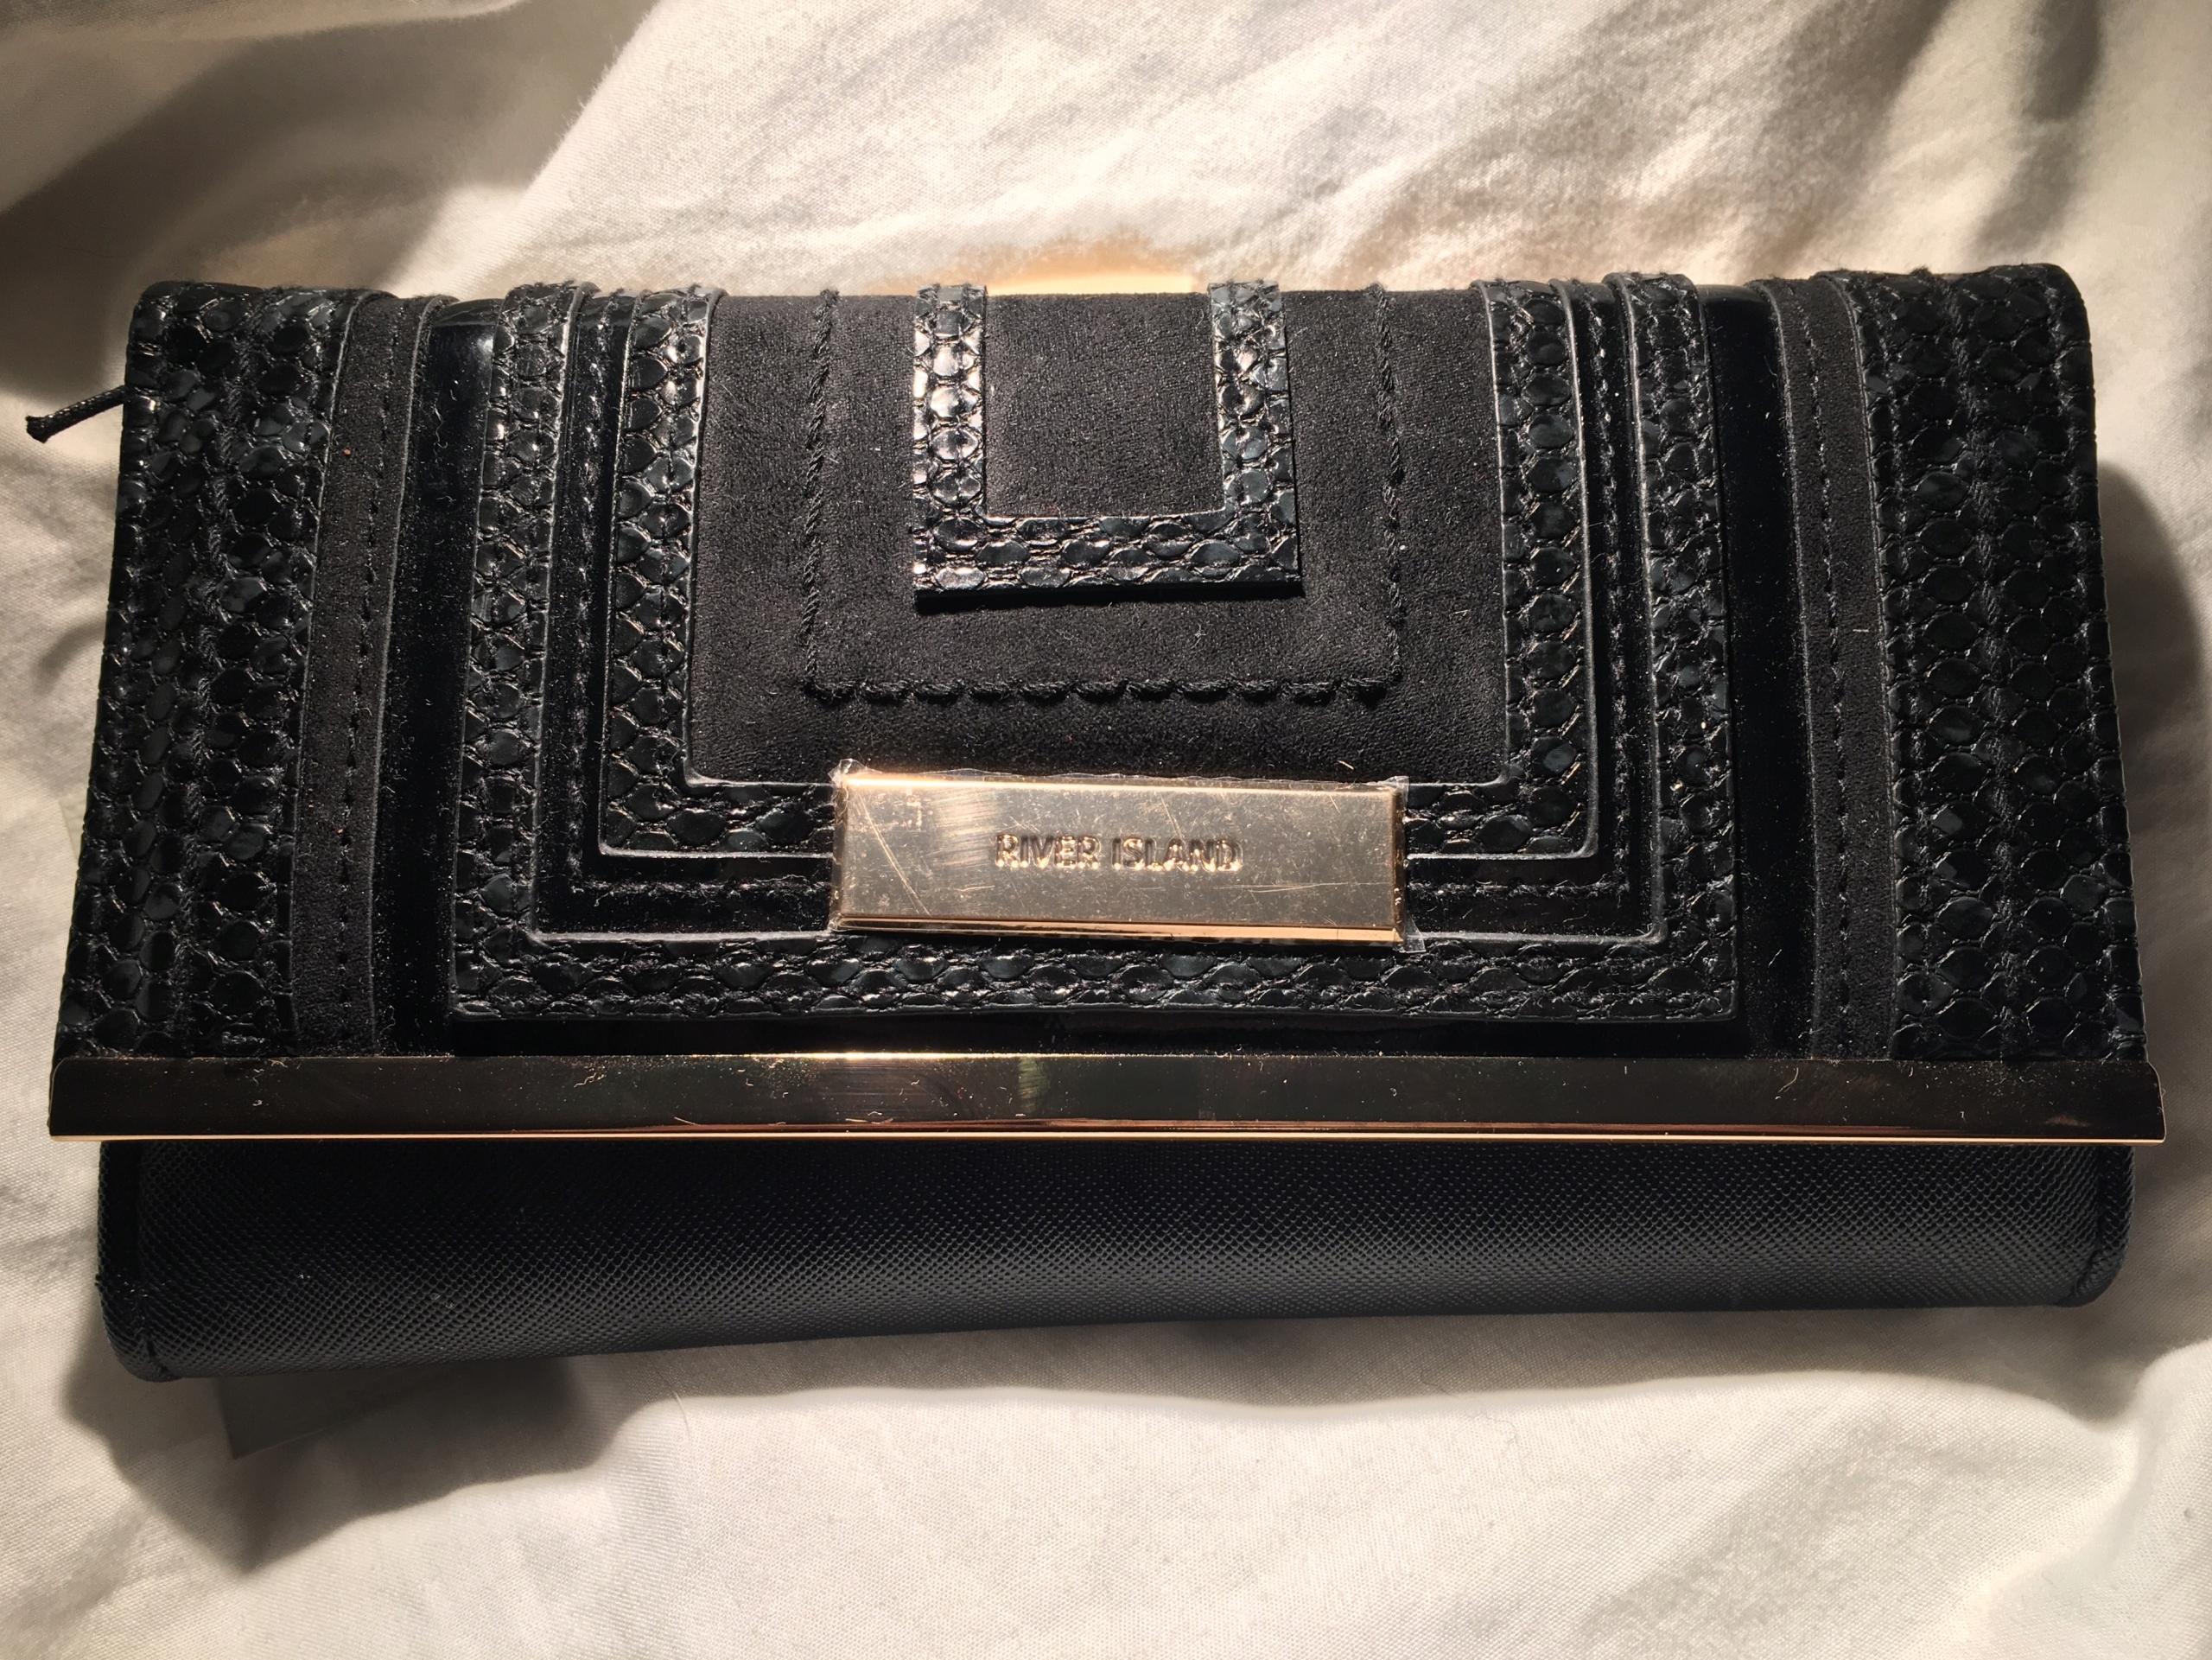 0c2bcad827696 River Island portfel NOWY z UK klasyczny czarny - 7708596017 ...